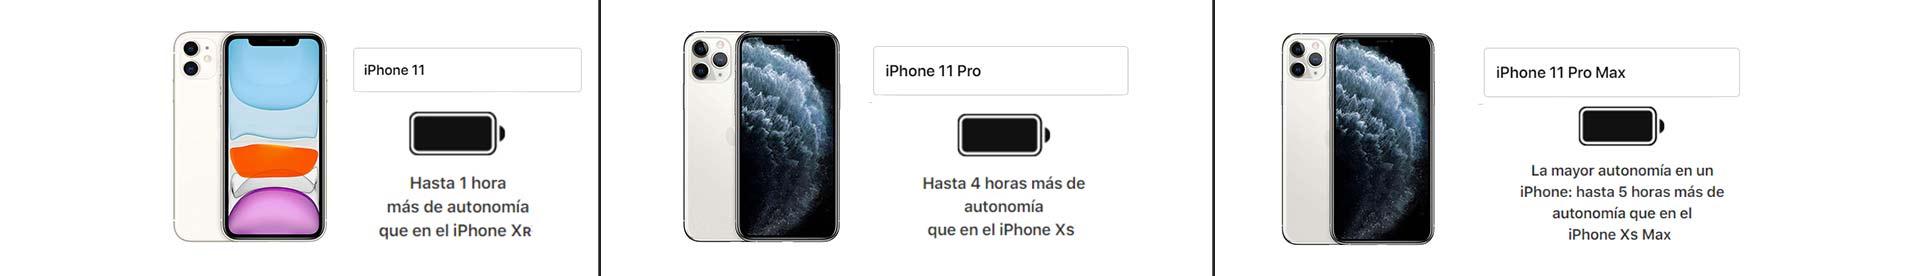 Diferencias baterías iphone 11